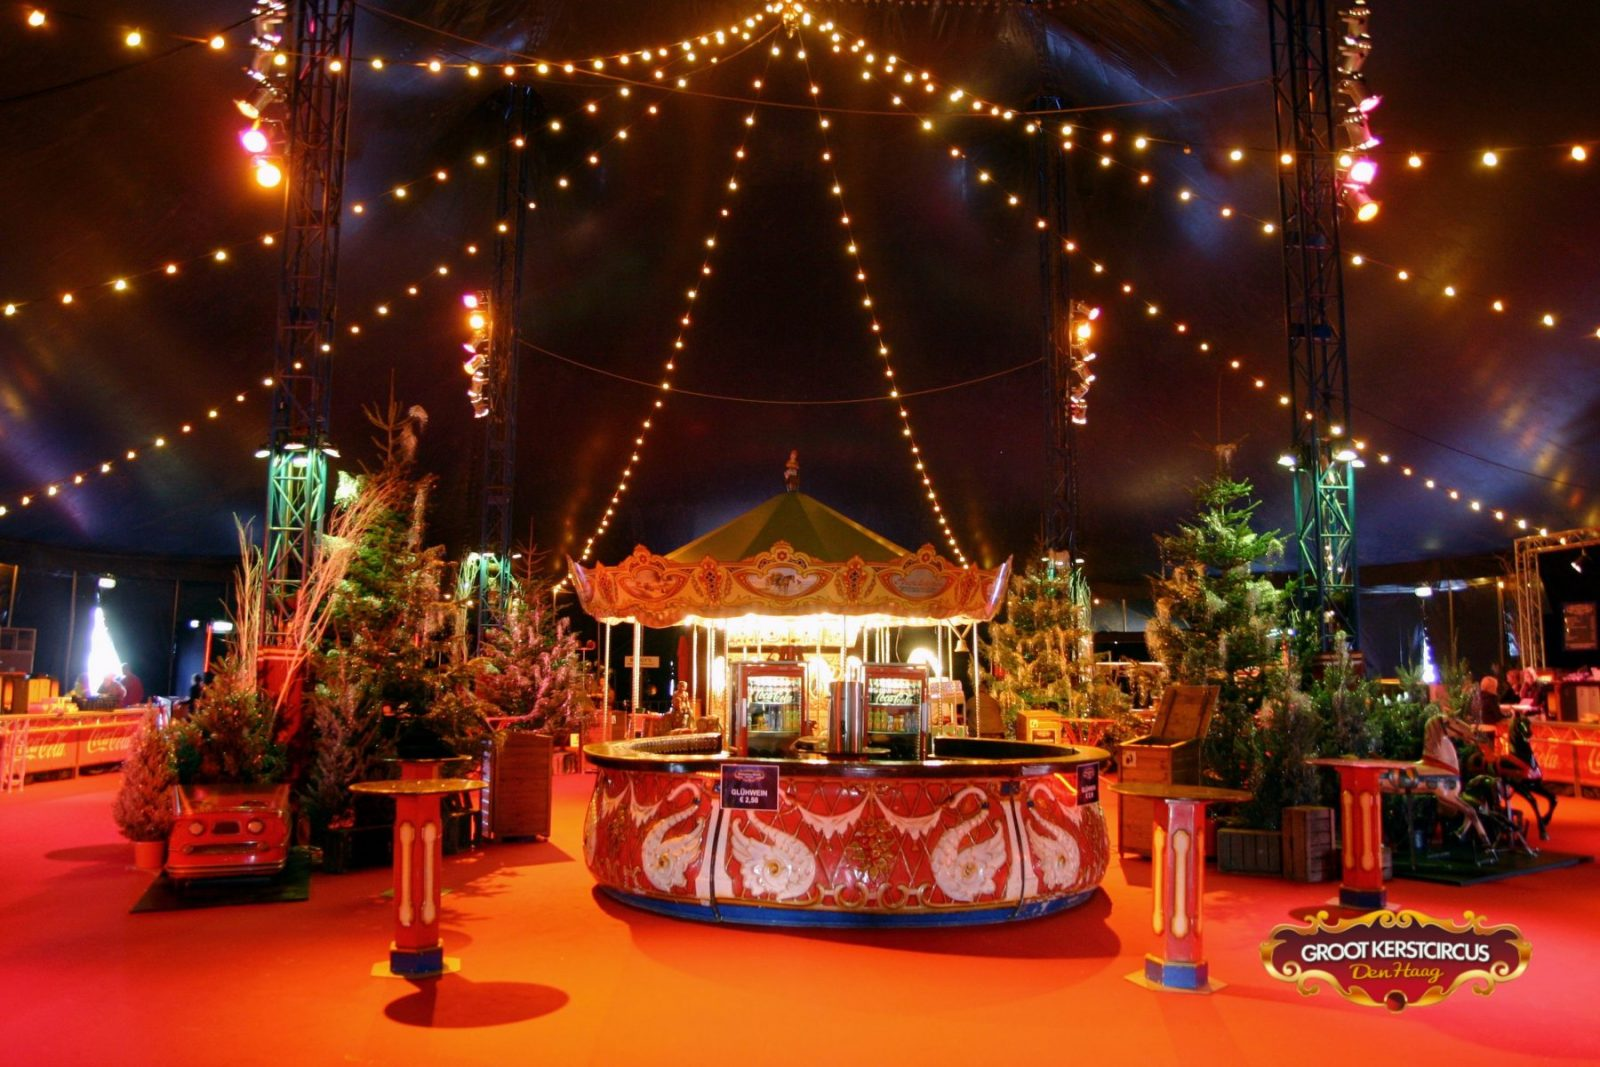 Groot Kerstcircus Den Haag 2